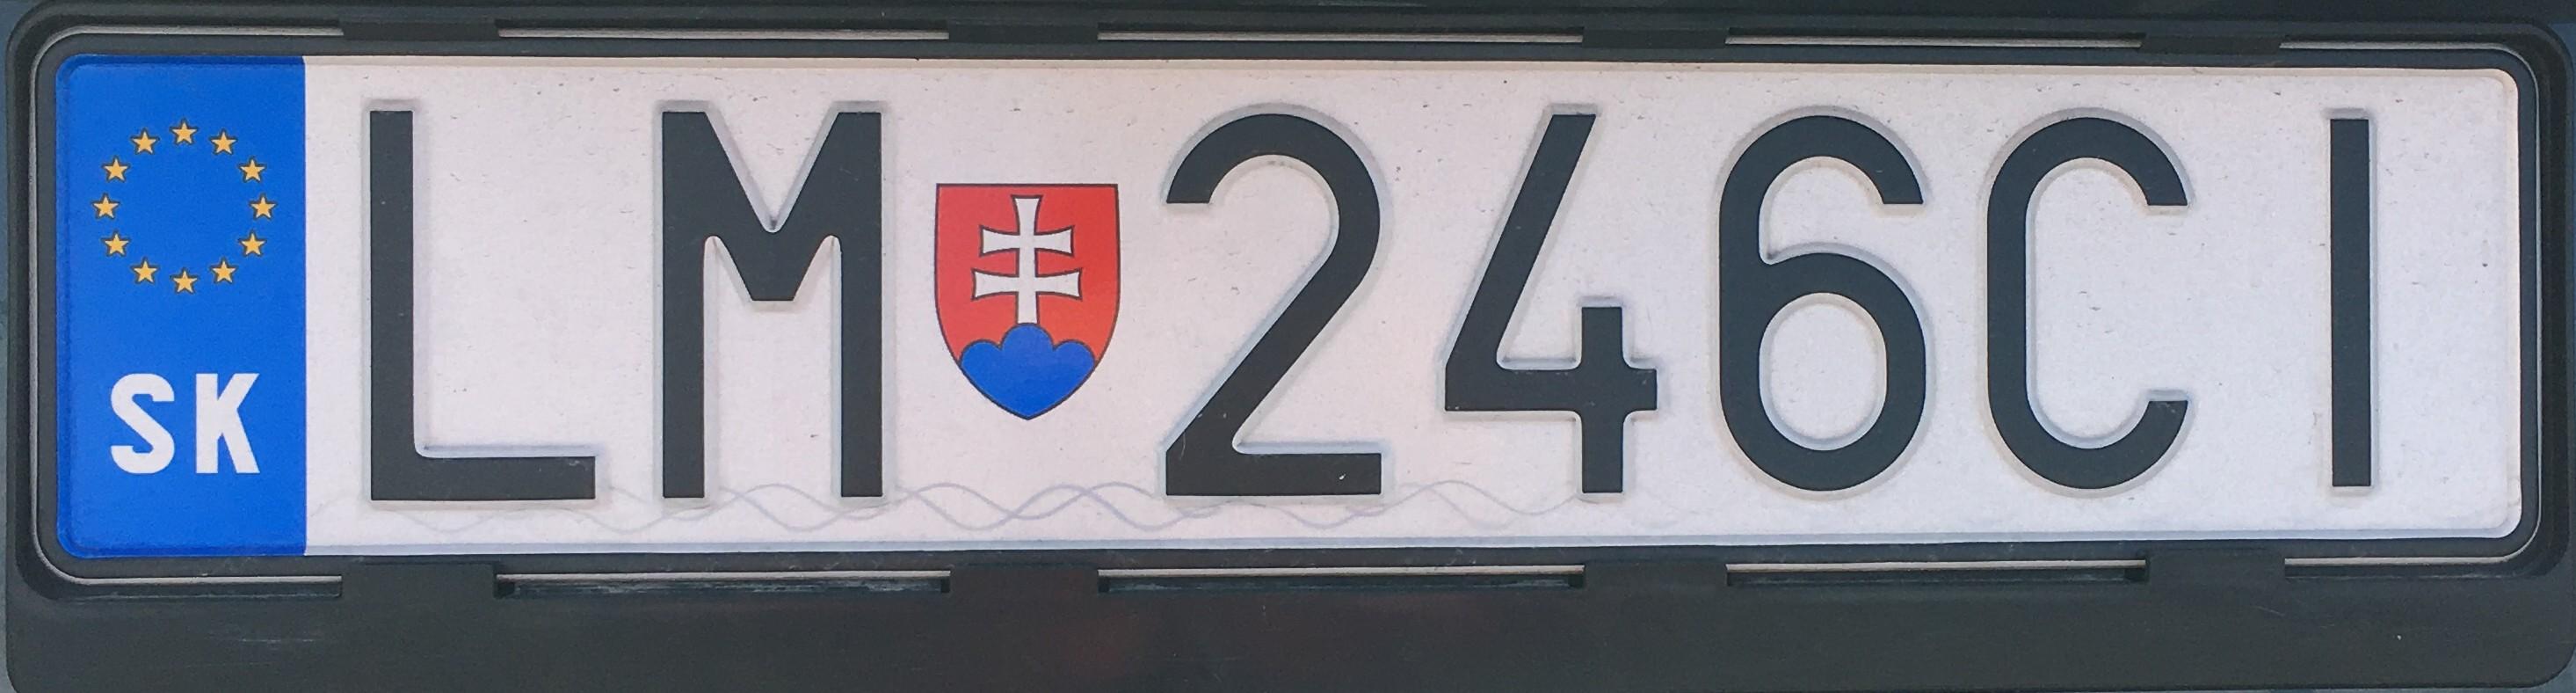 Registrační značka: LM - Liptovský Mikuláš, foto: vlastní